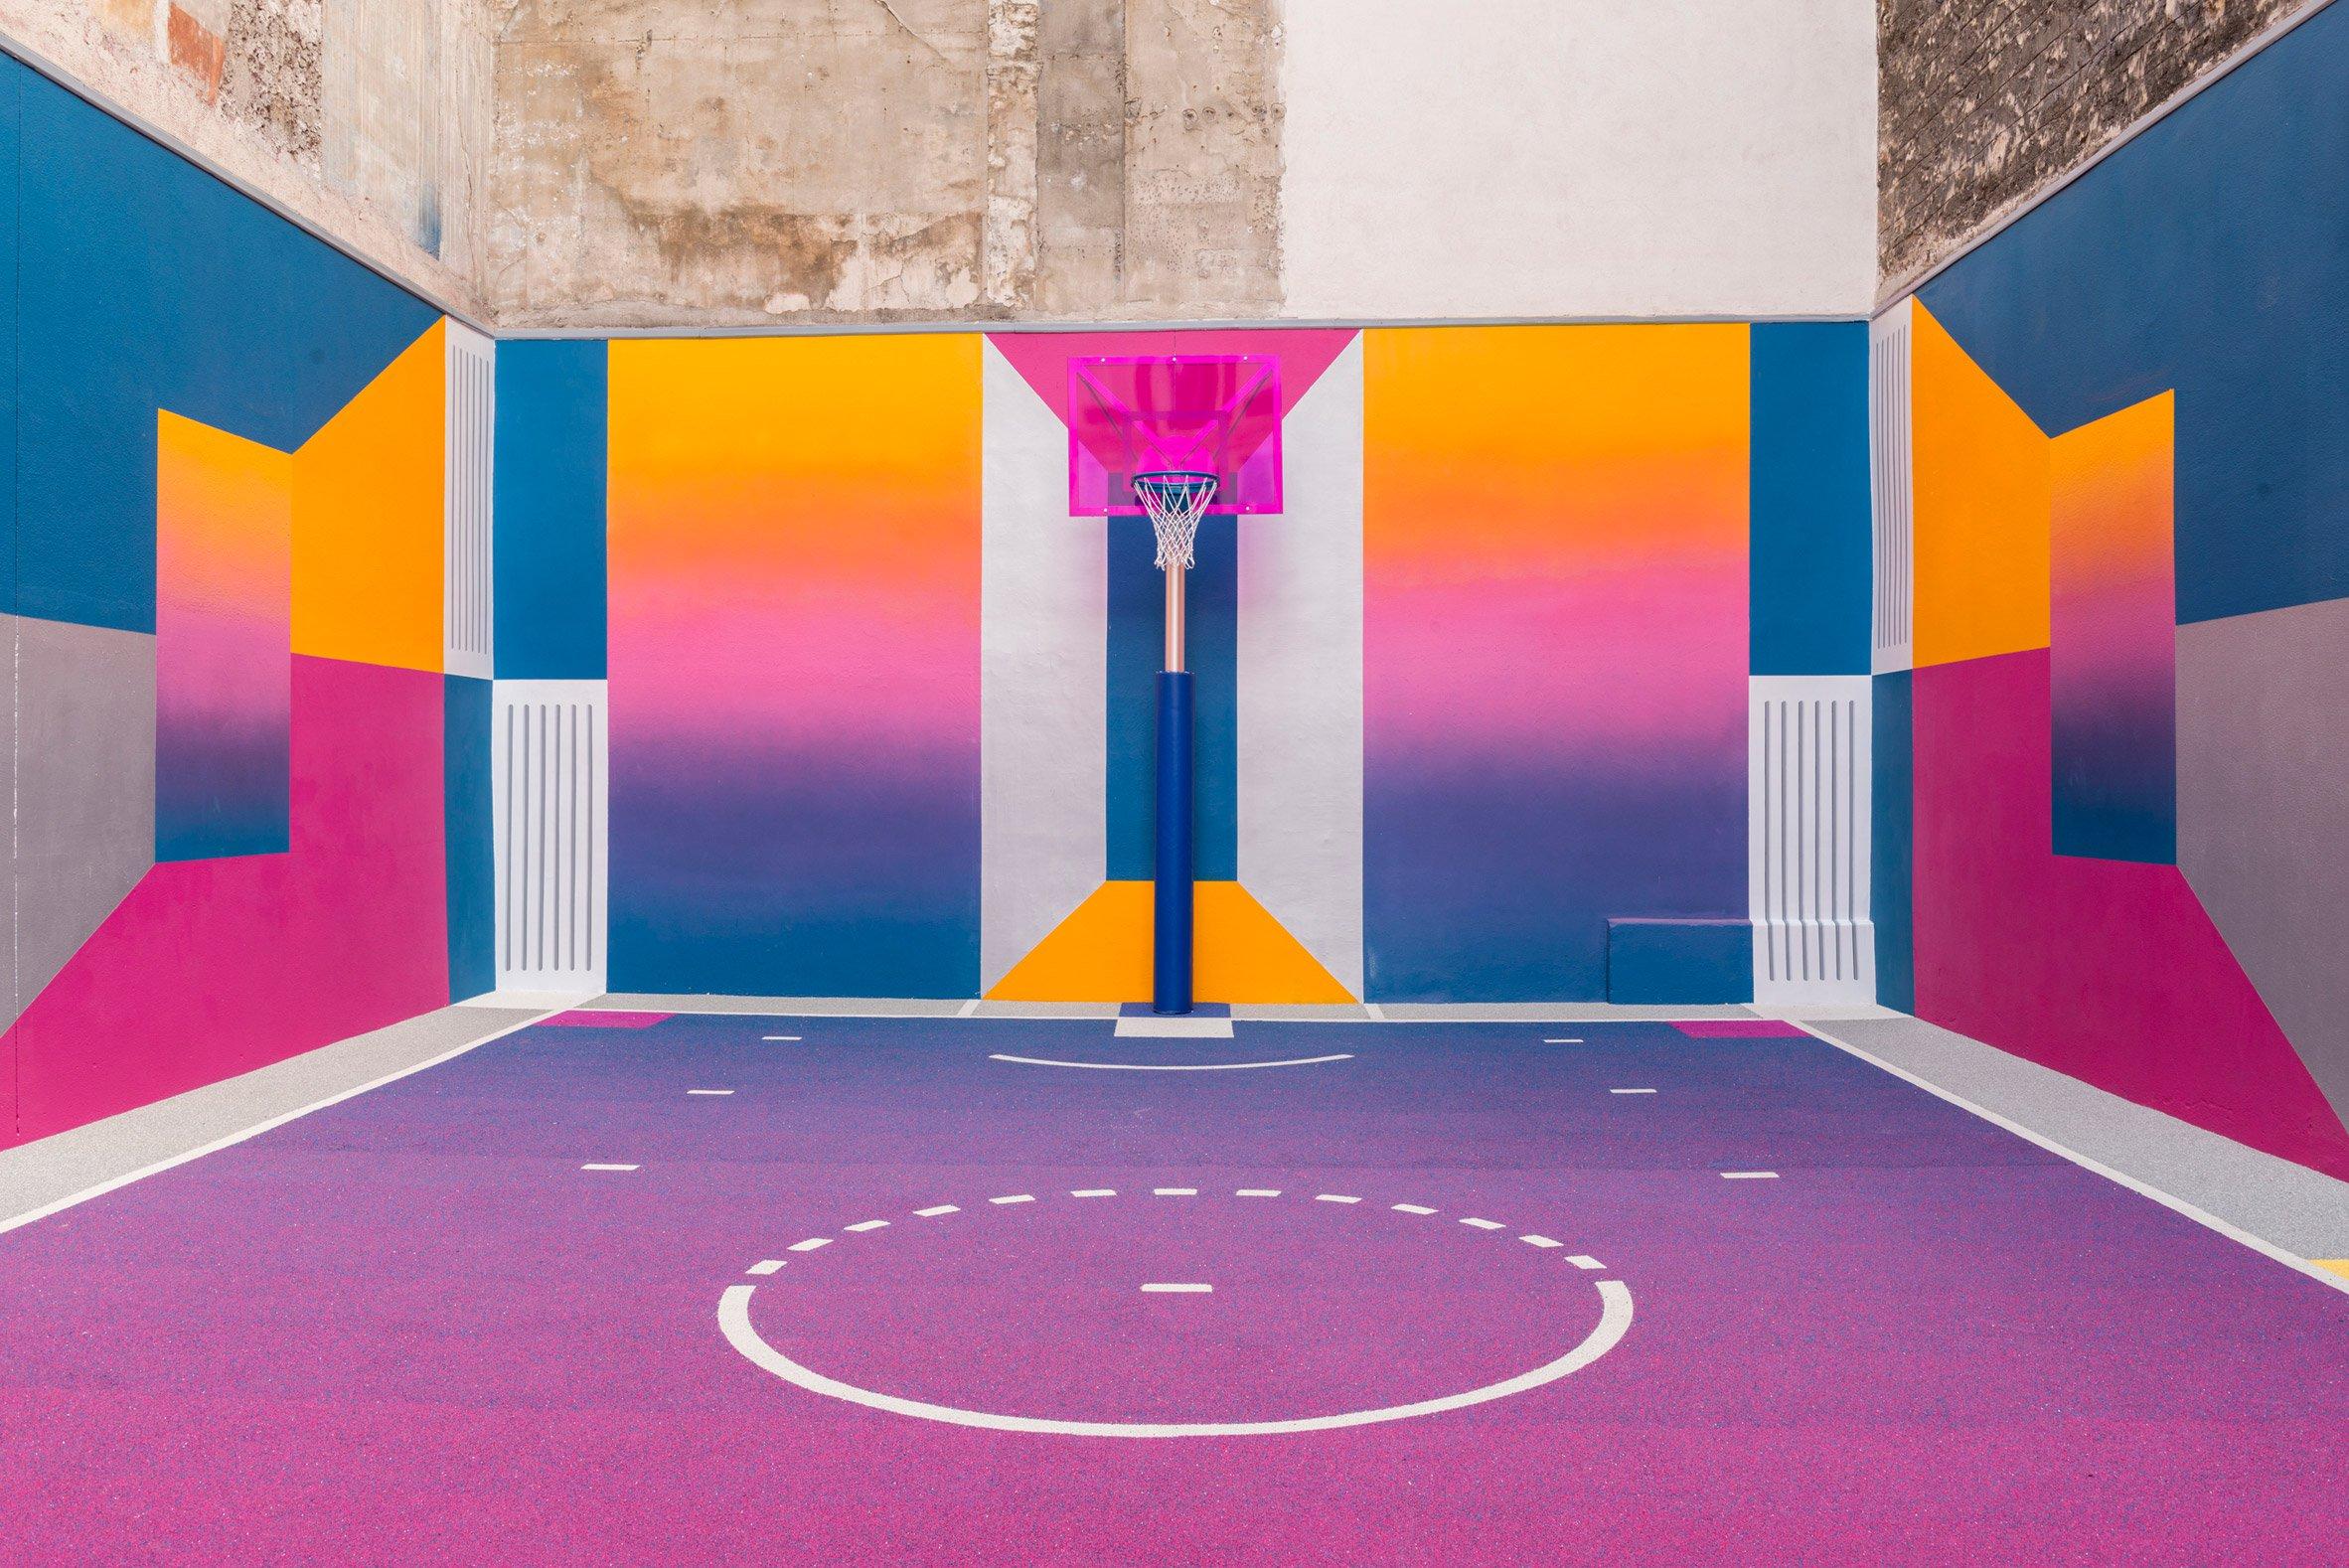 basket-court-pigalle-studio-architecture-public-leisure-paris-france-_dezeen_2364_col_9.jpg